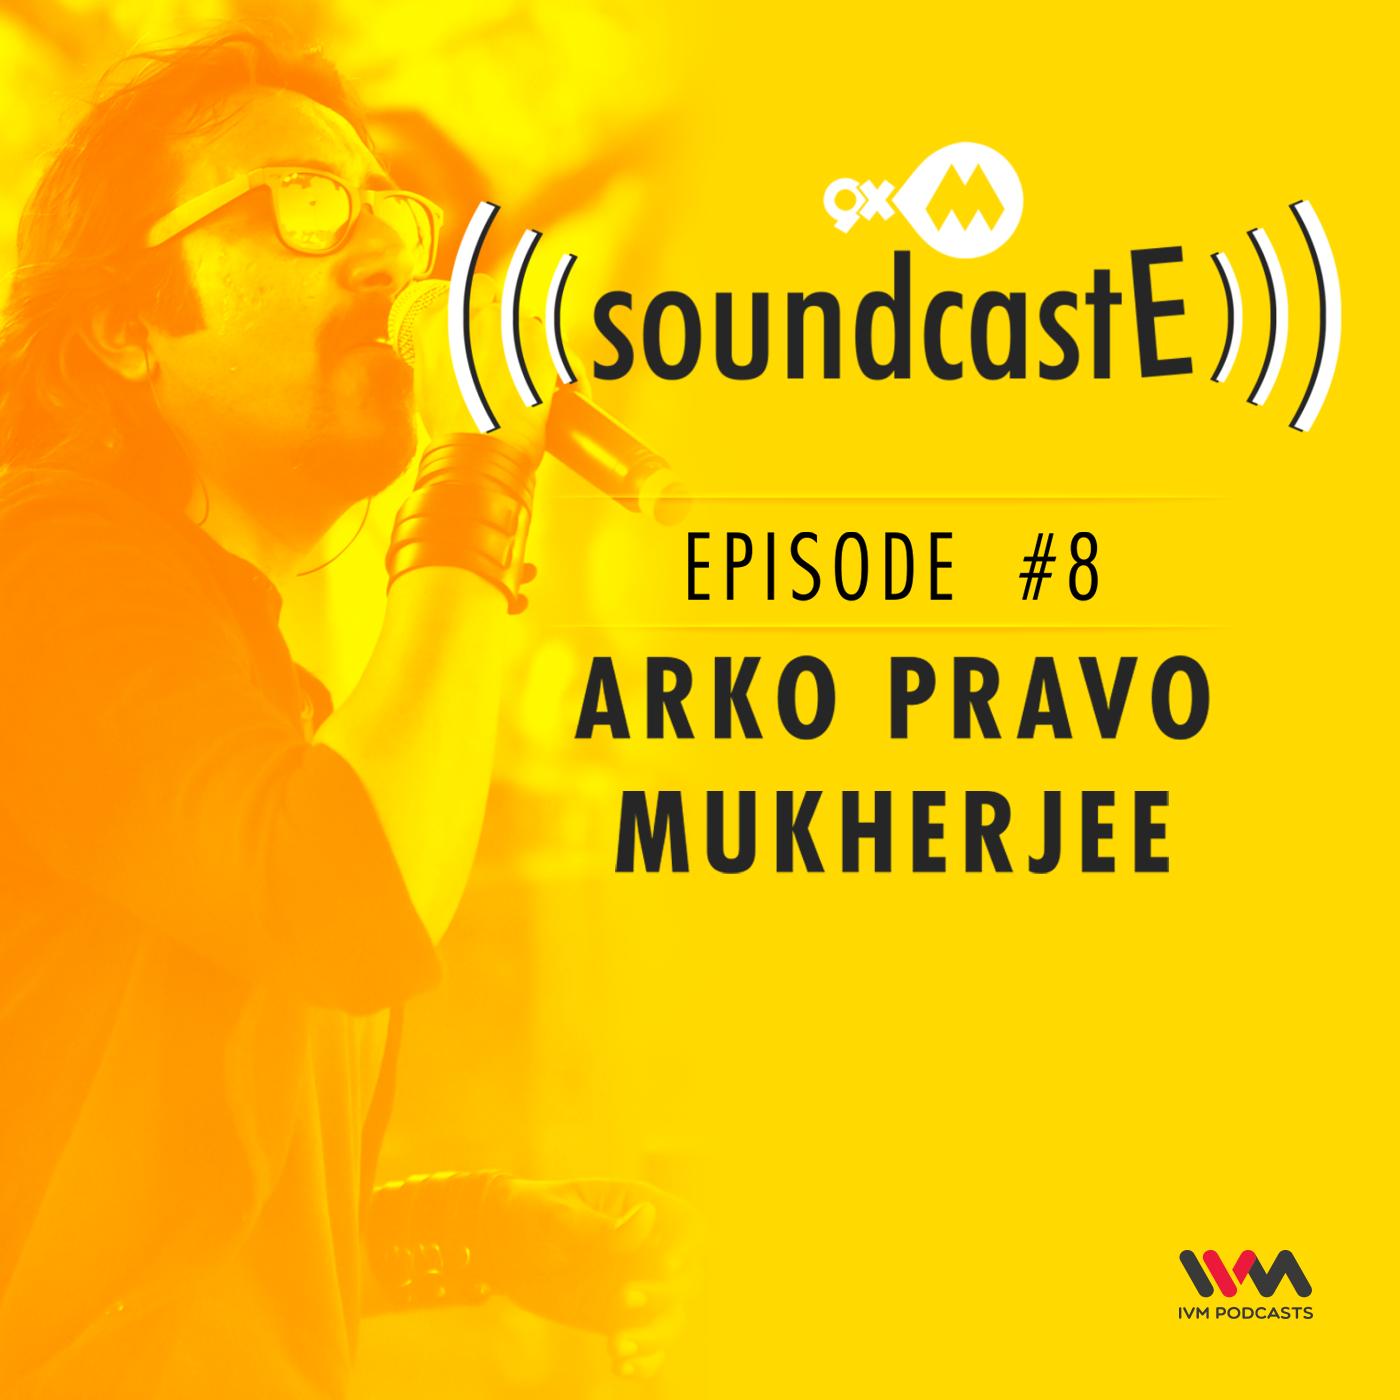 Ep. 08: 9XM SoundcastE with Arko Pravo Mukherjee